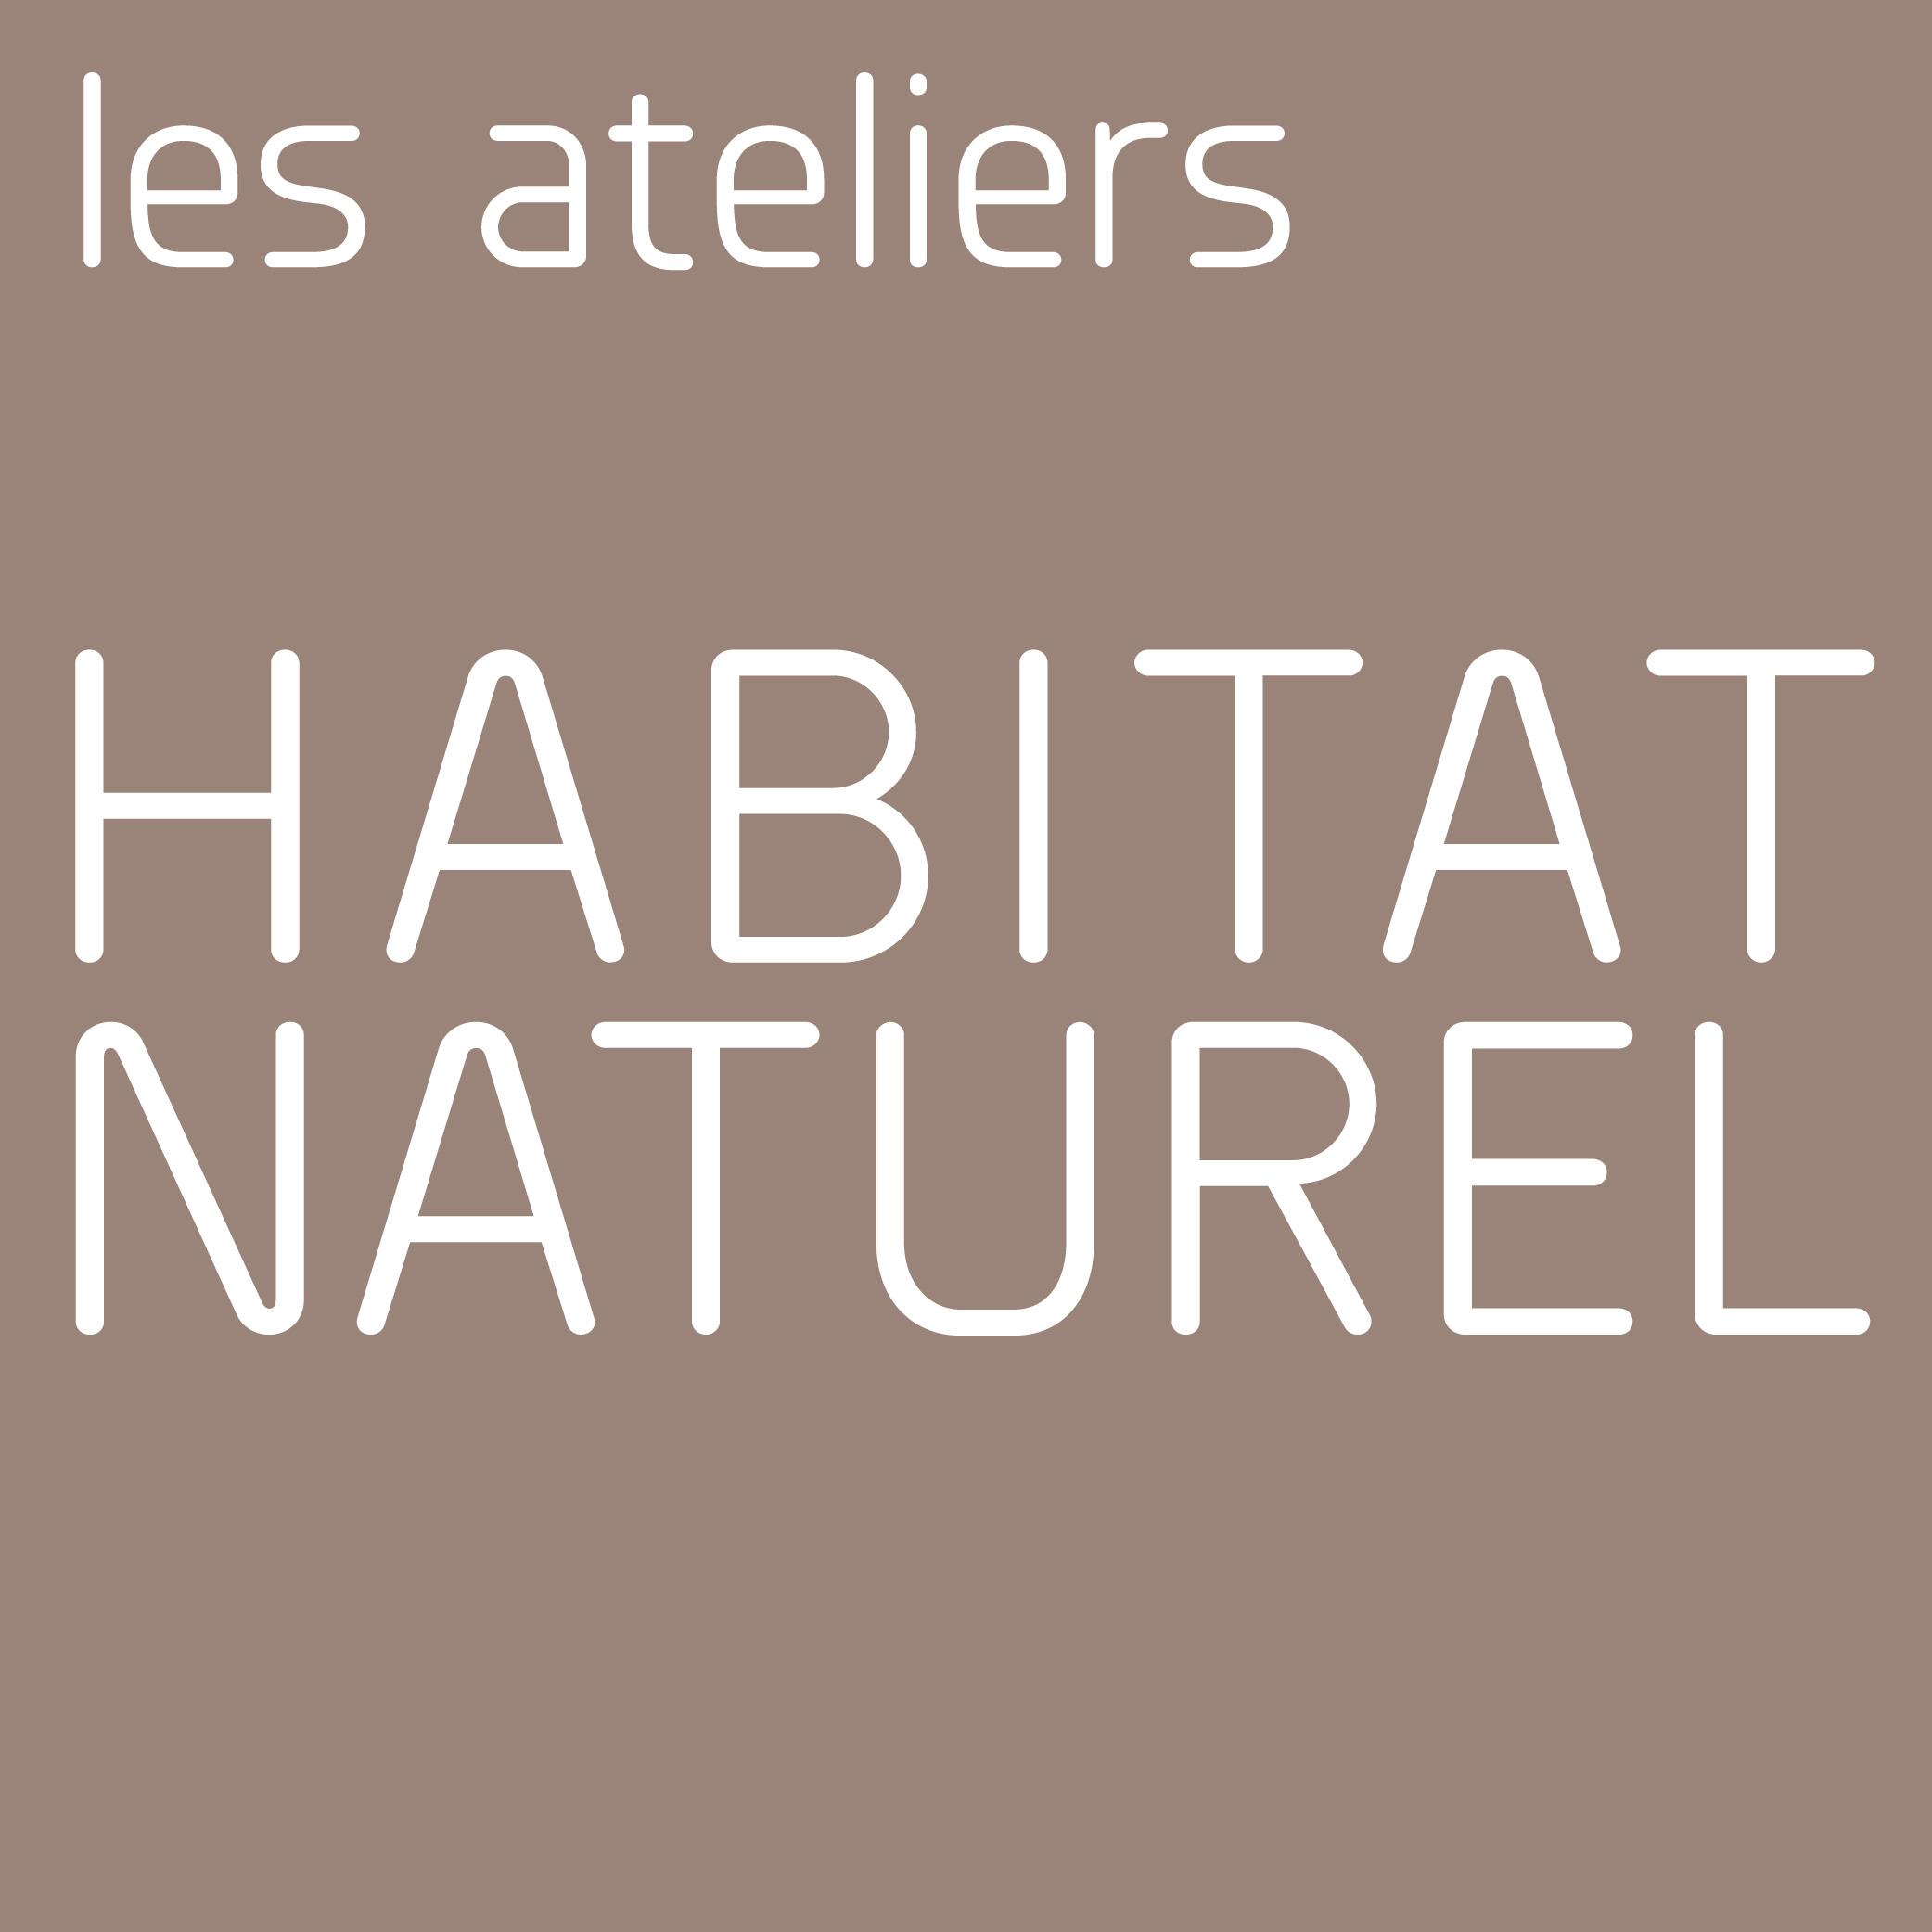 ATELIERS HABITAT NATUREL